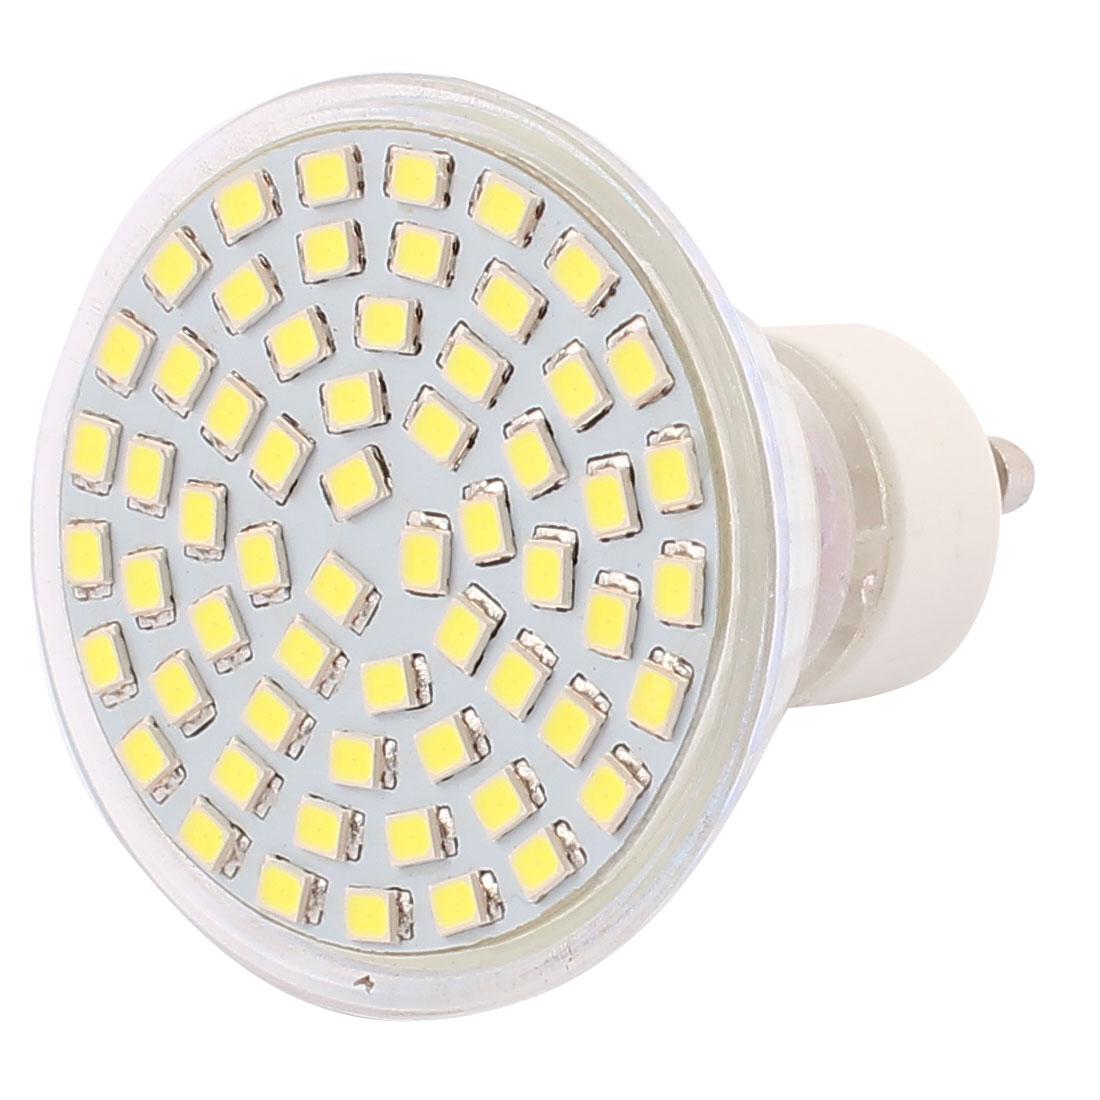 110V GU10 LED Light 6W 2835 SMD 60 LEDs Spotlight Down Lamp Bulb Lighting Pure White